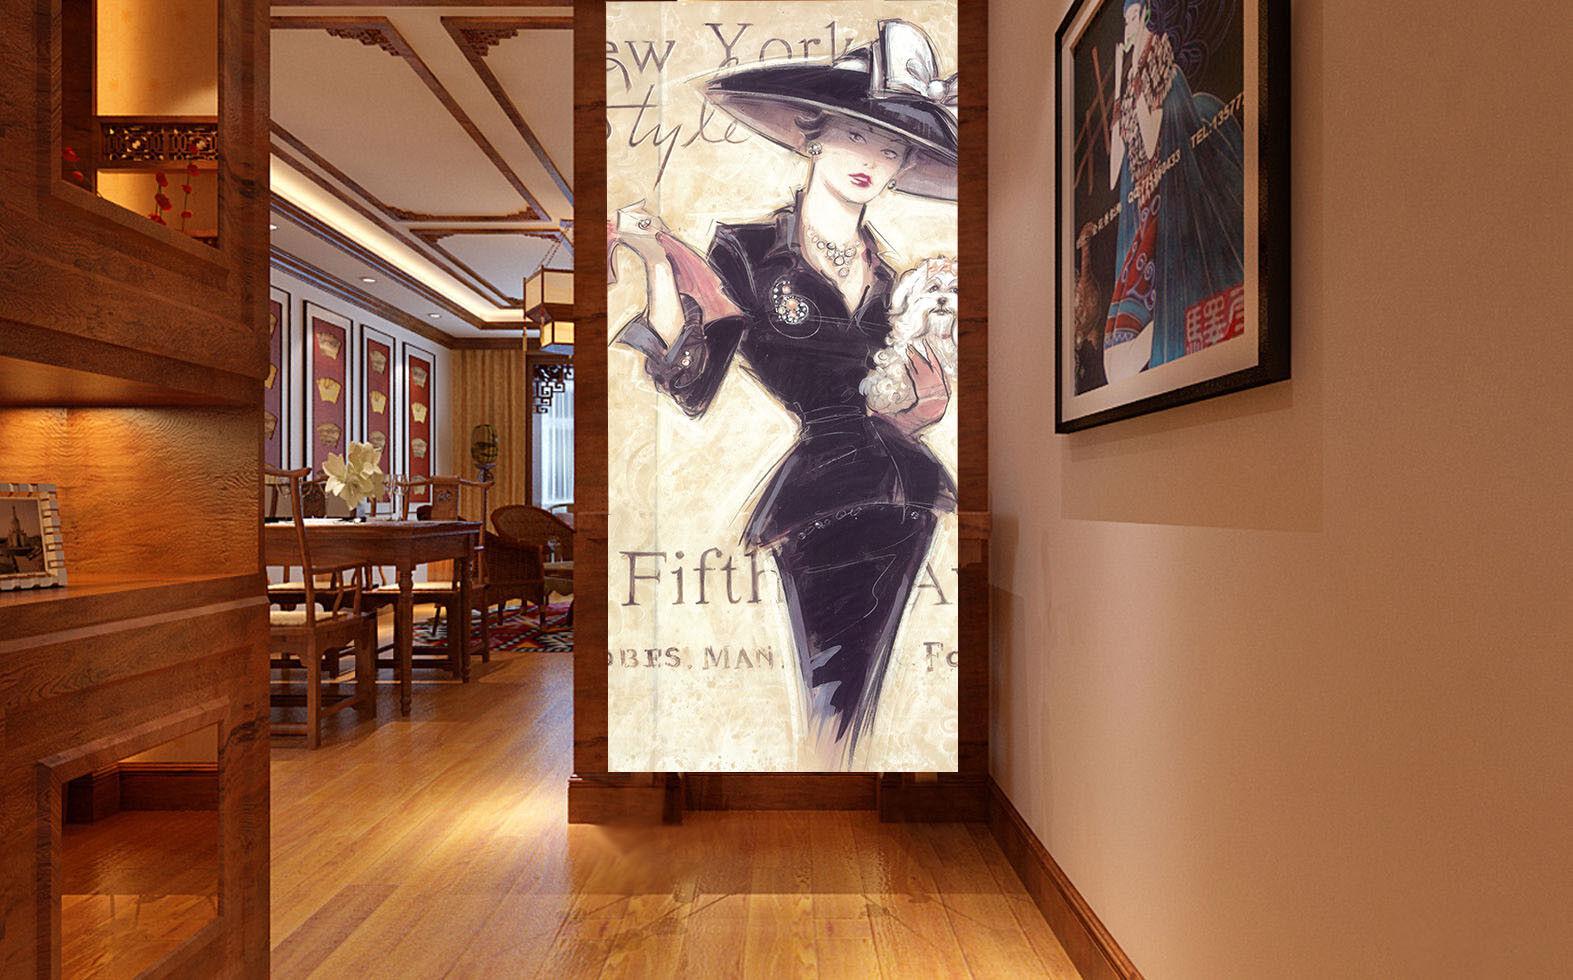 3D Woman Paint 4011 WandPapier Murals Wand Drucken Wand Mural AJ WandPapier UK Carly